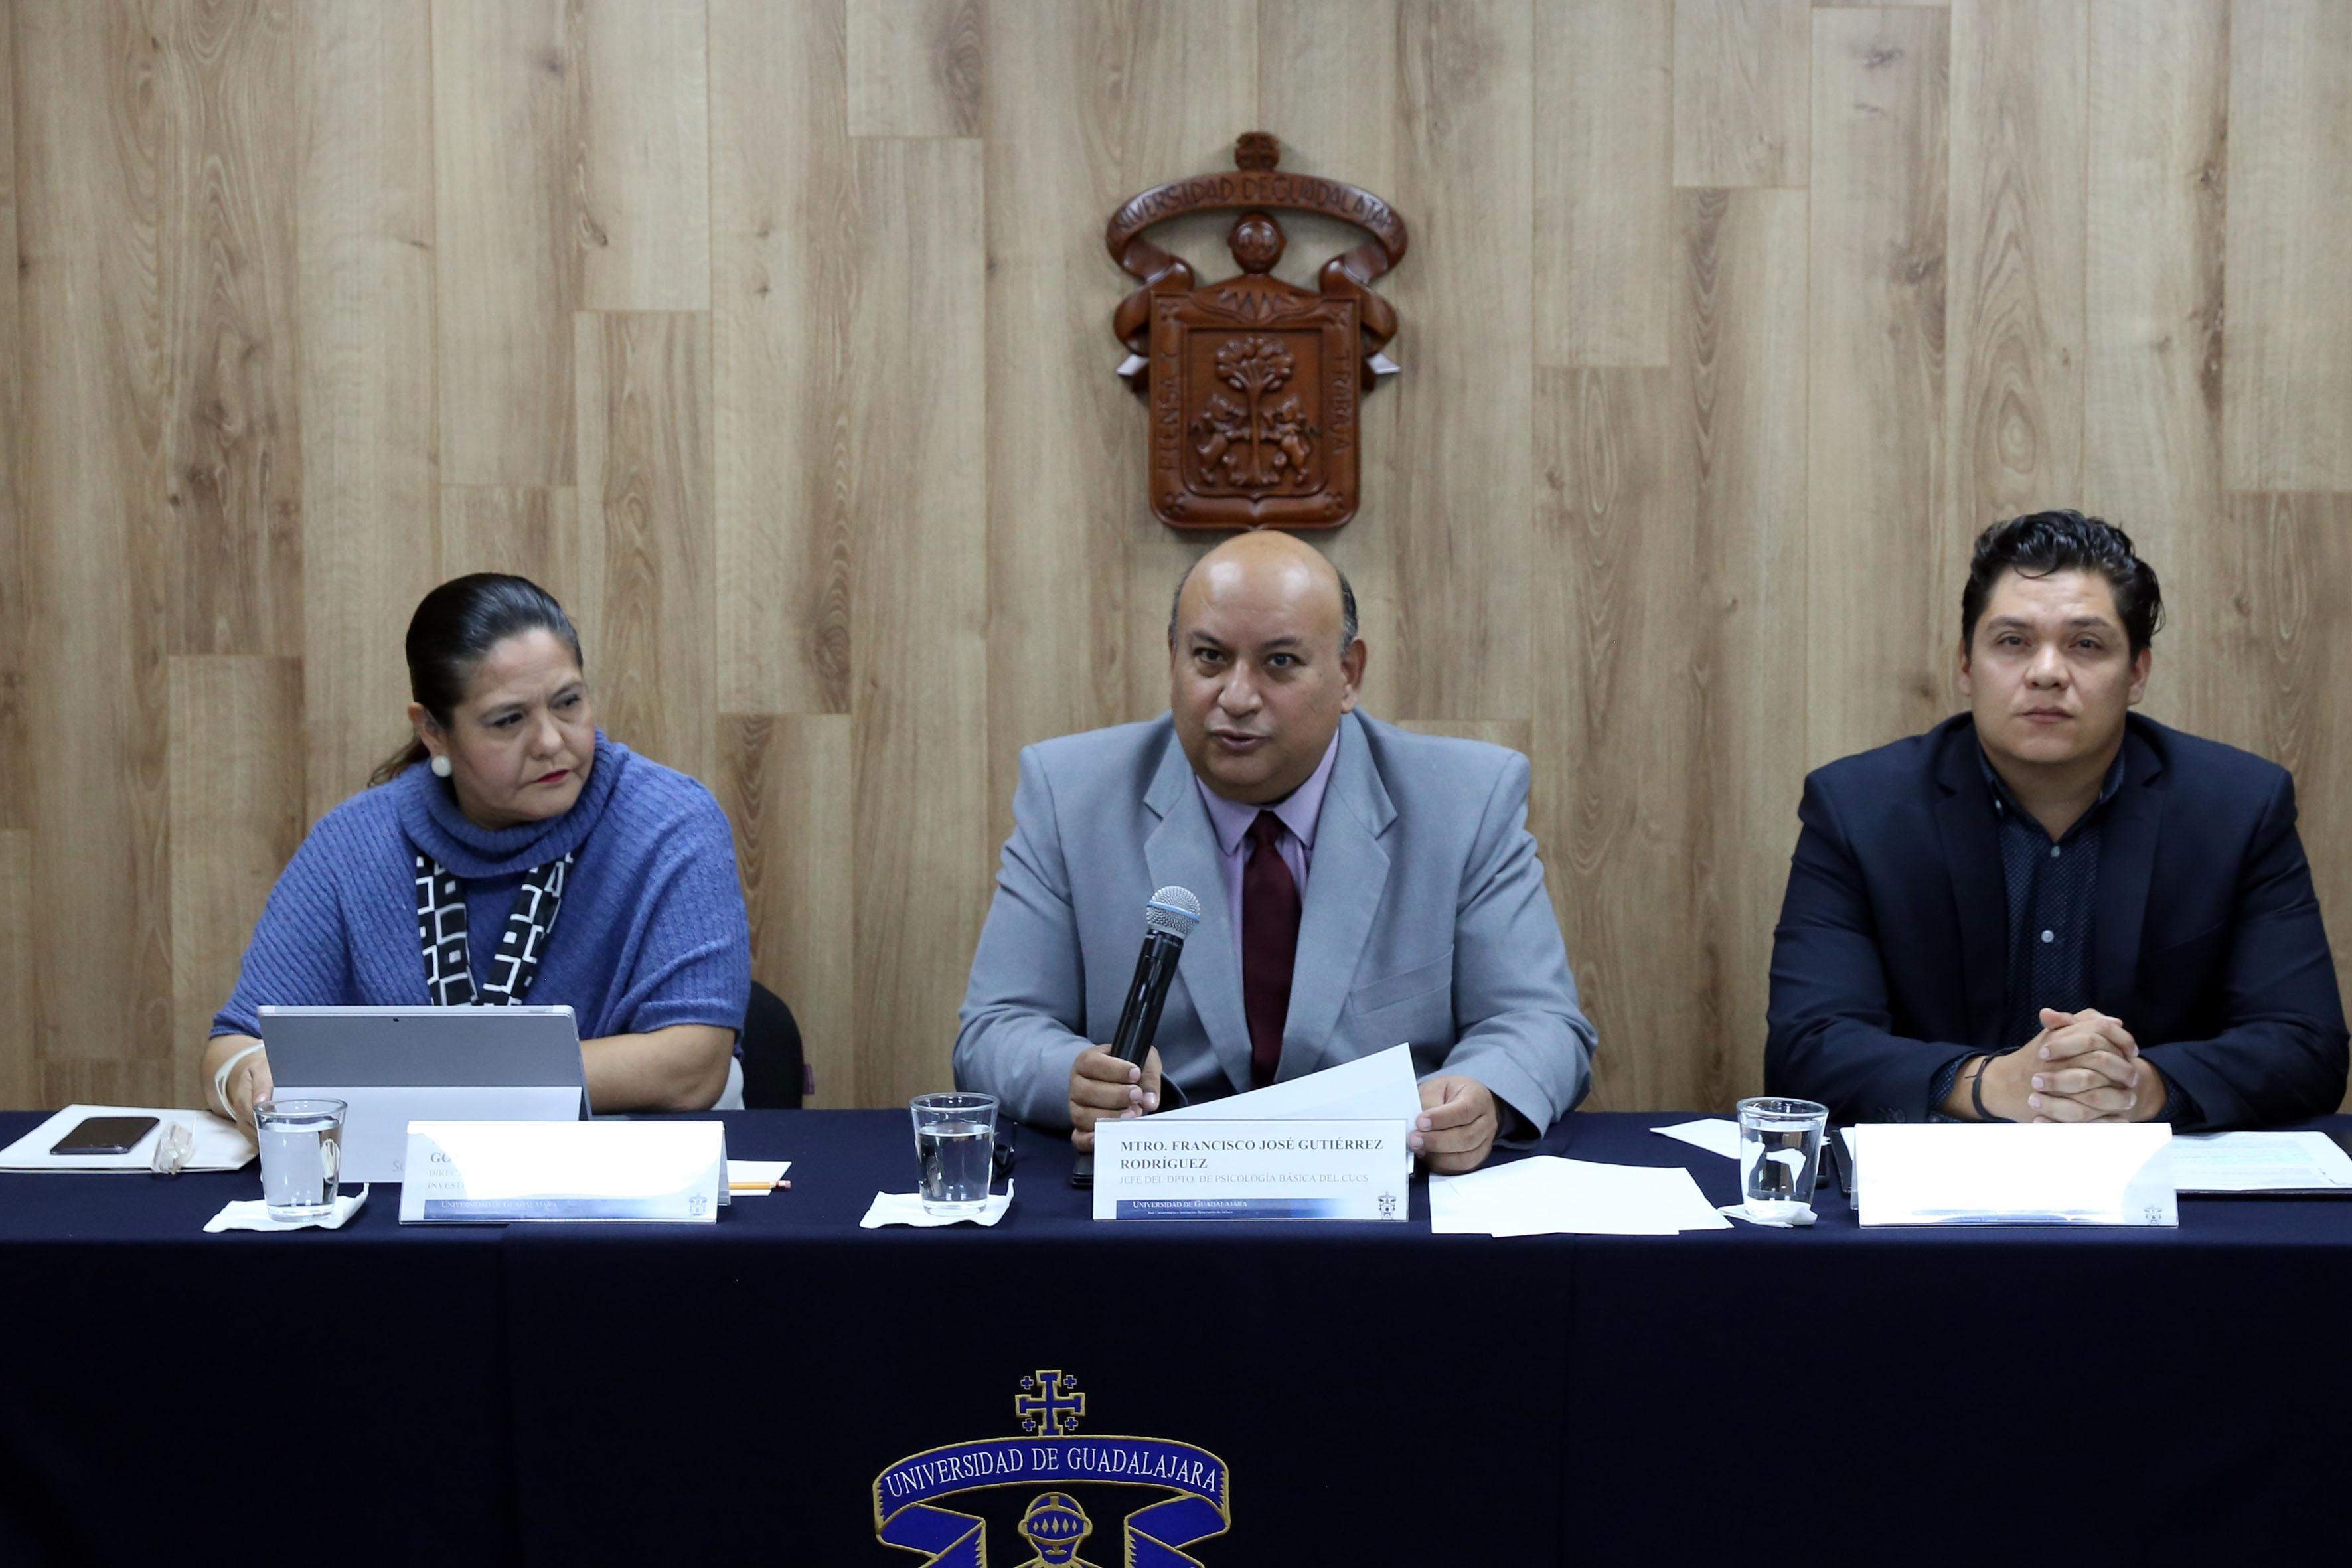 Miembros del presídium, al micrófono el Mtro Francisco Gutérrez